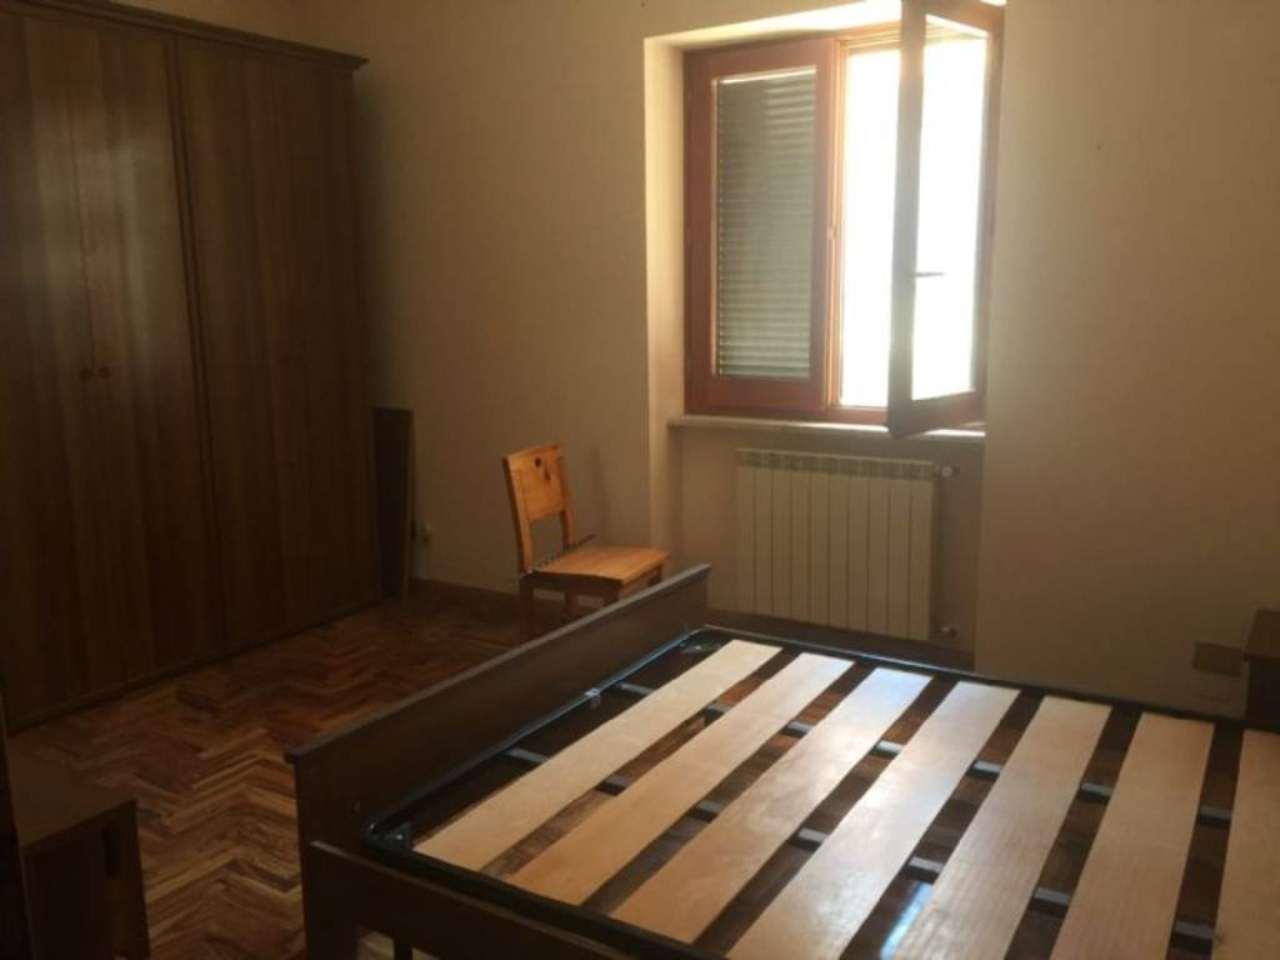 Appartamento in vendita a Fiano Romano, 4 locali, prezzo € 180.000 | Cambio Casa.it